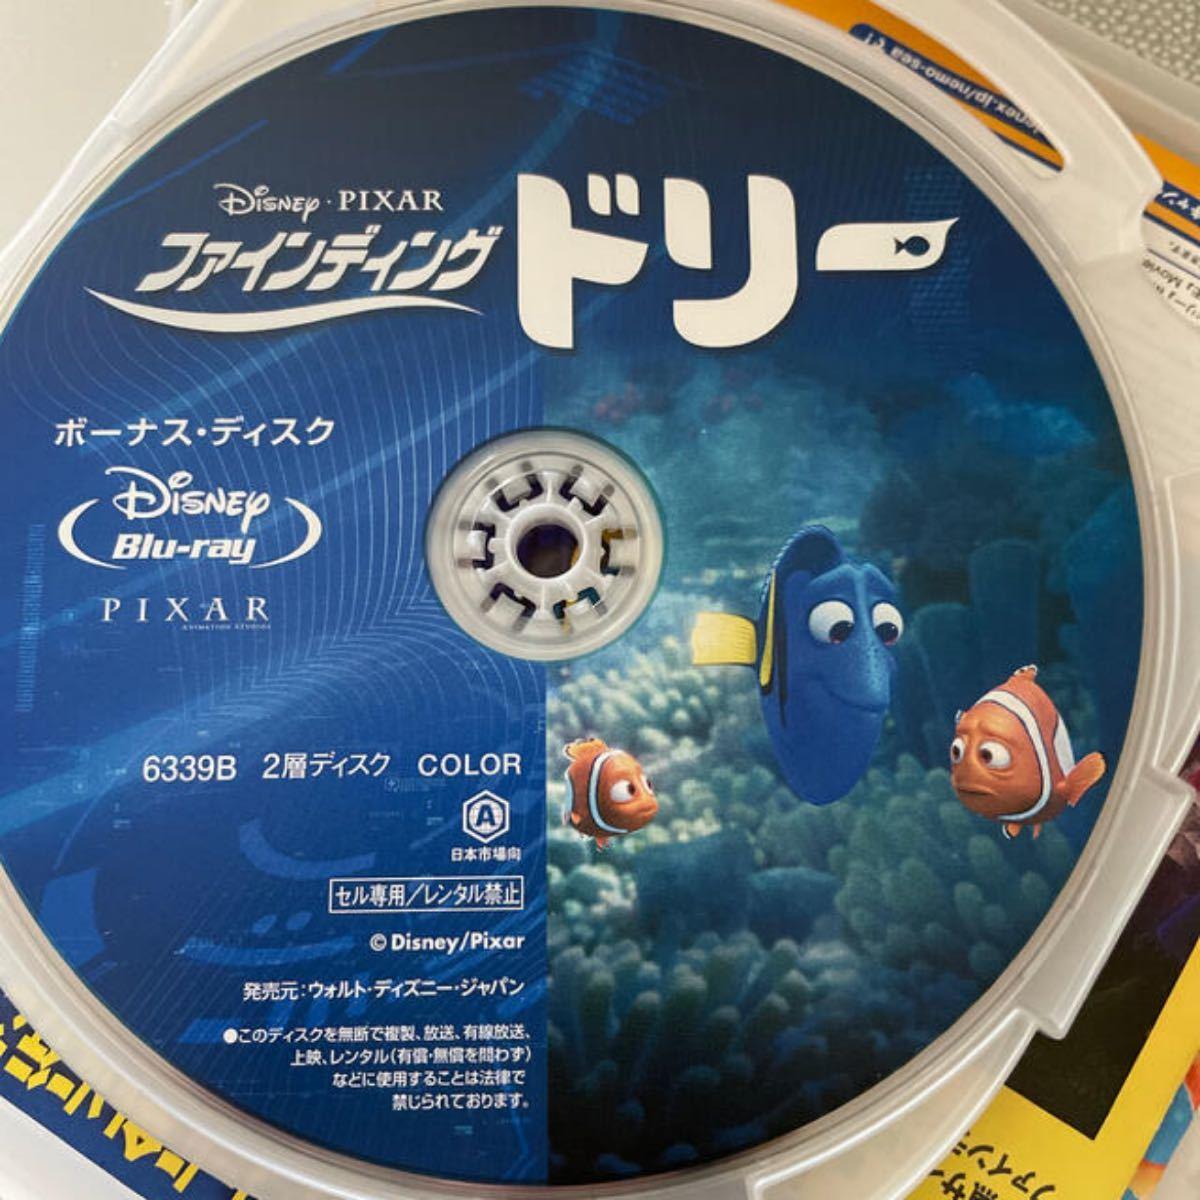 ファインディングドリー MovieNEX Blu-rayのみ